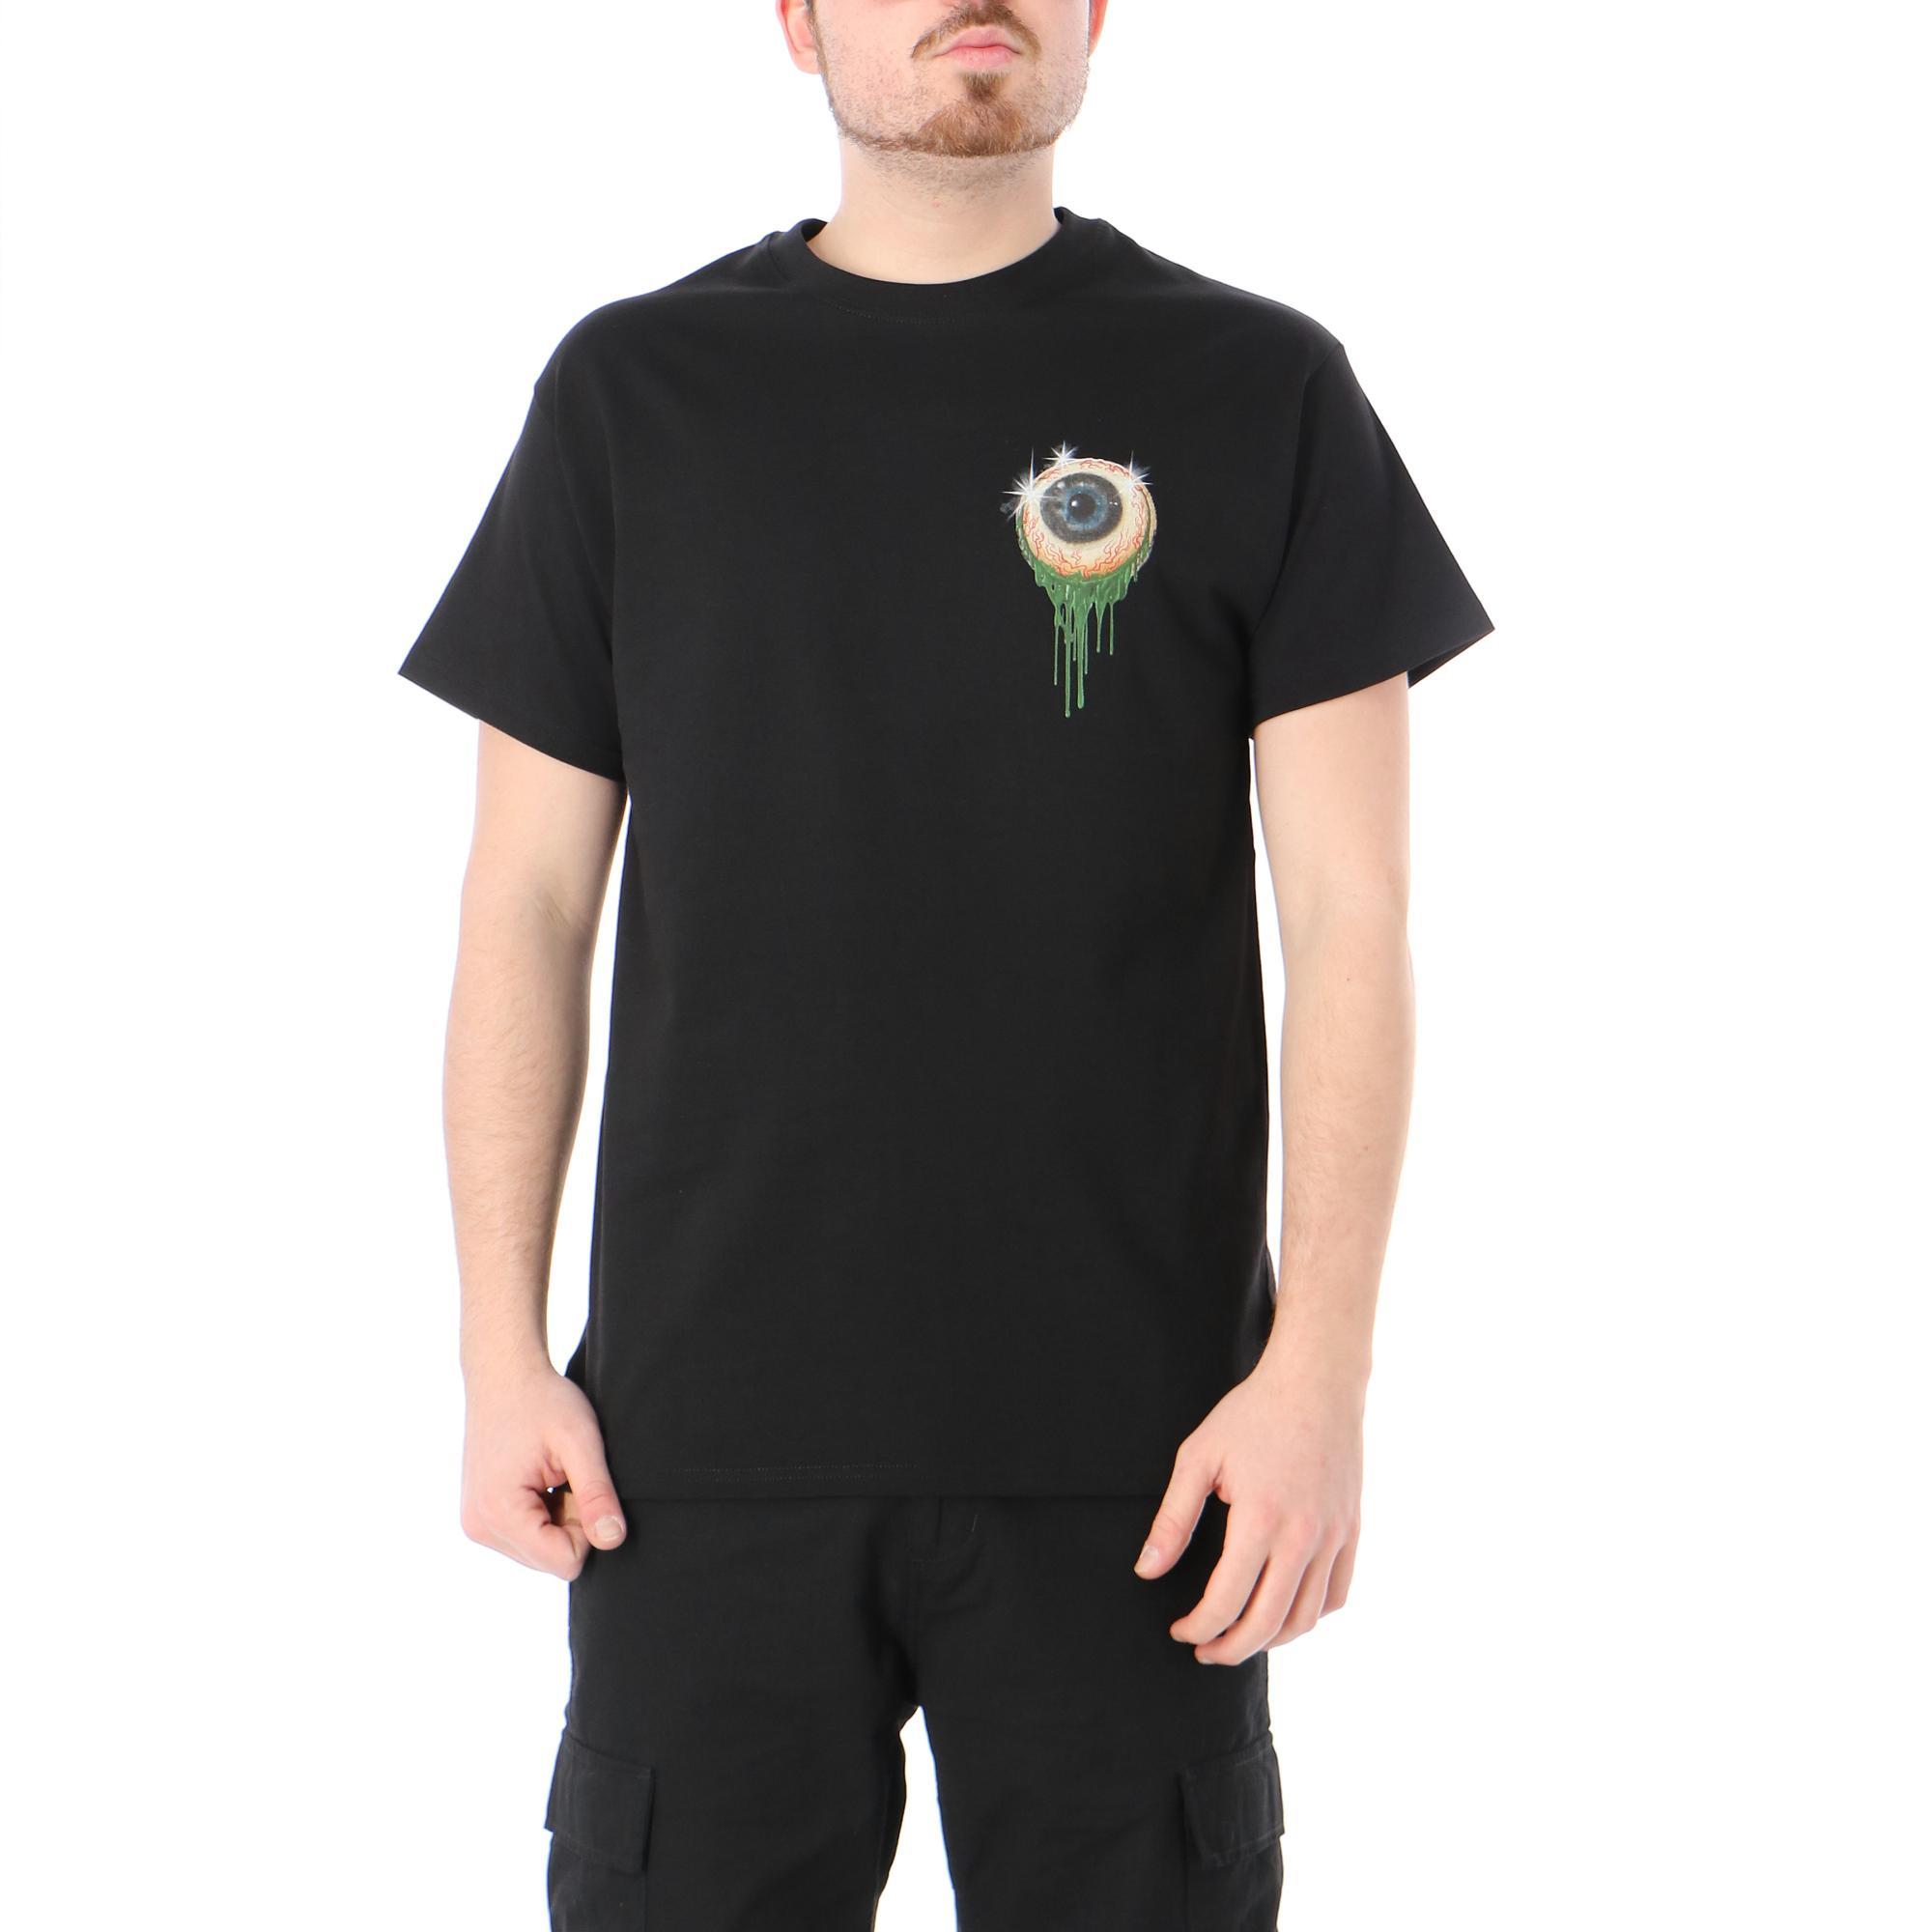 Propaganda Eye T-shirt Black